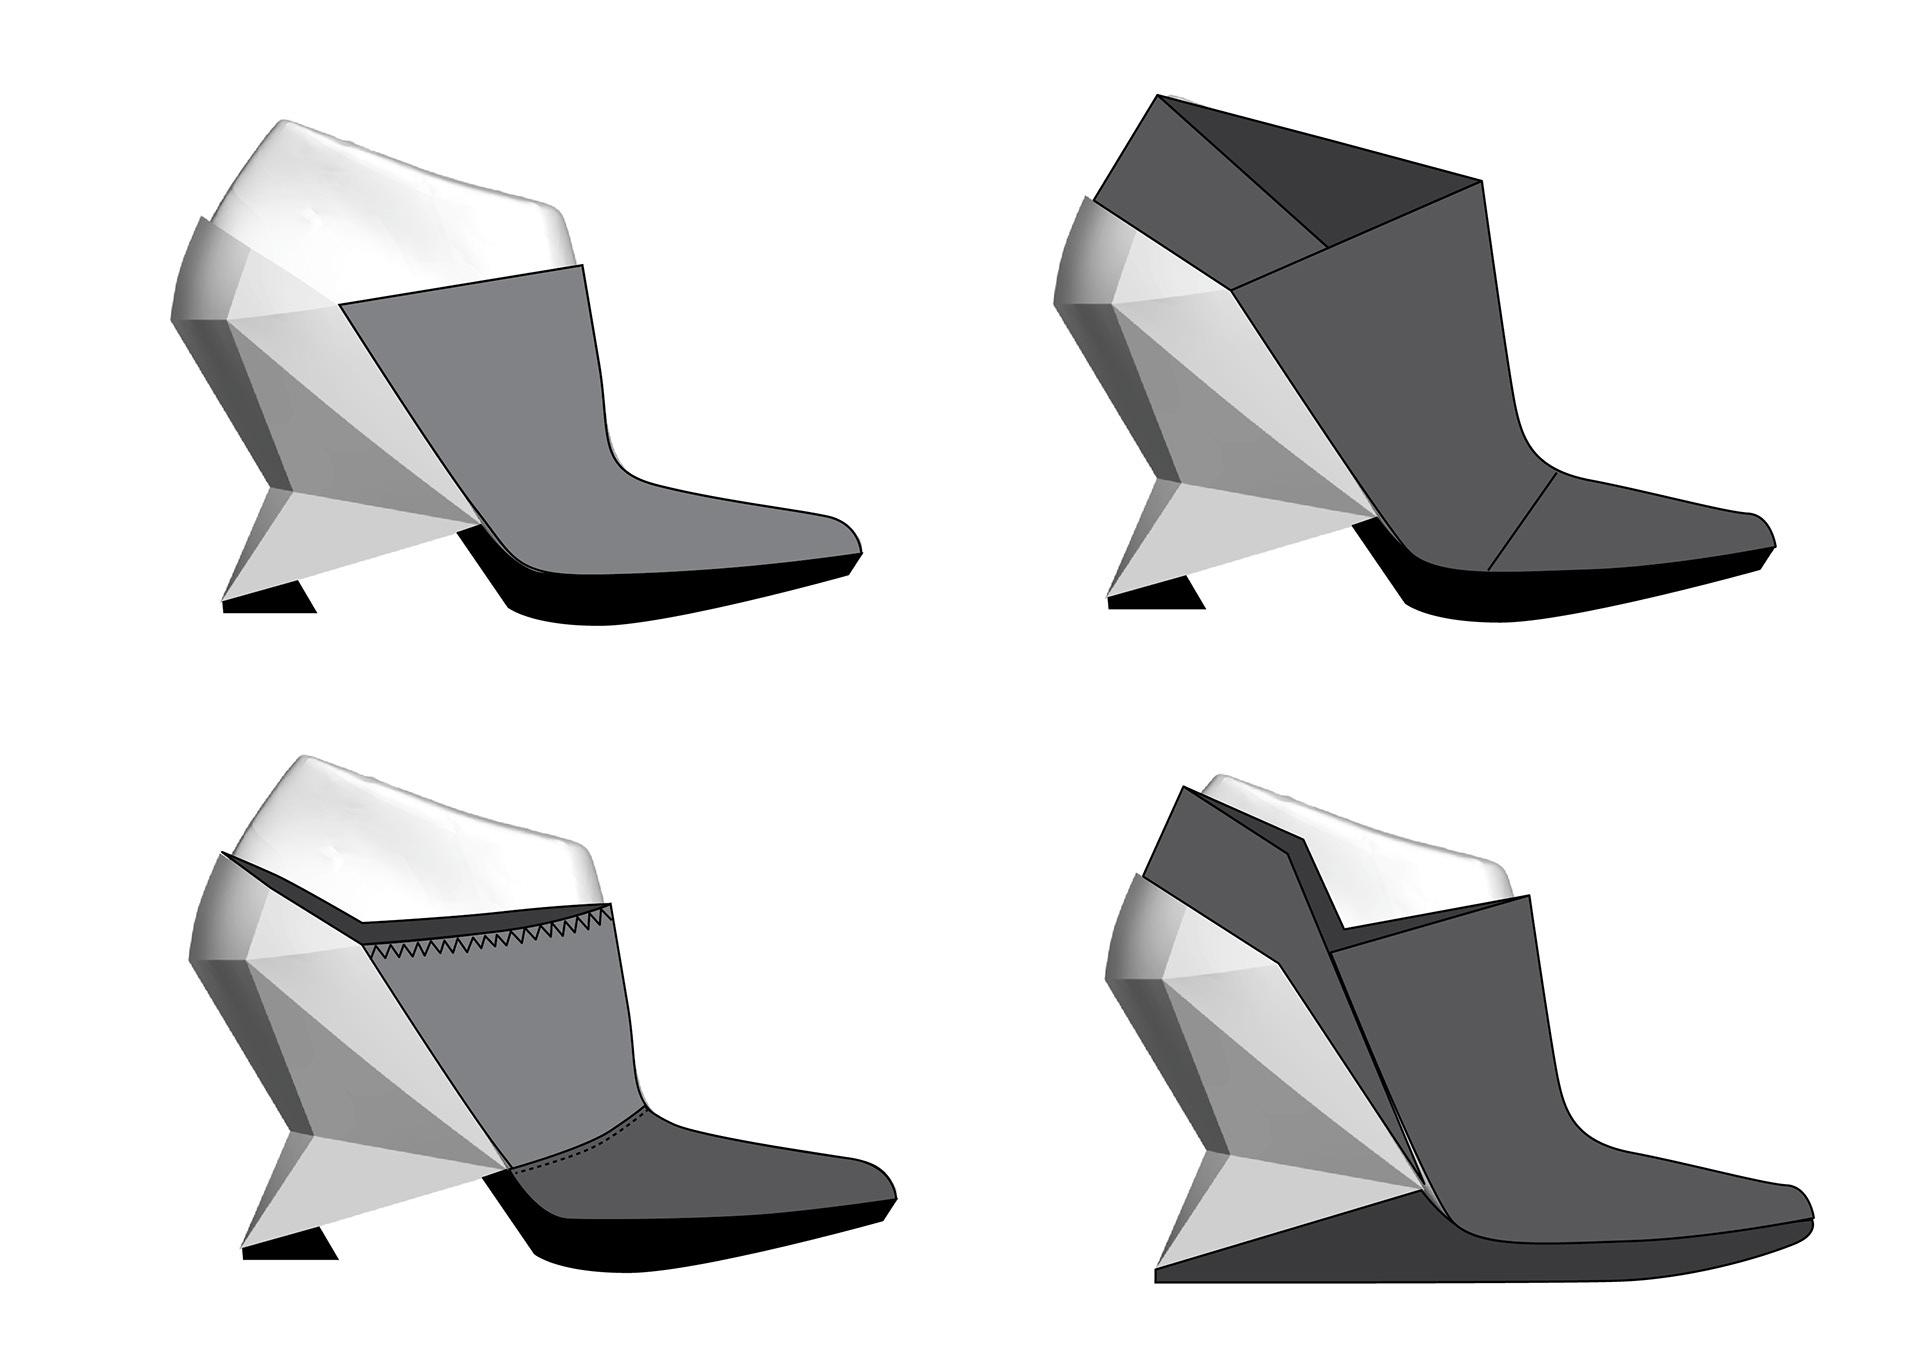 michal kukucka - Crystallic shoe concept / United Nude